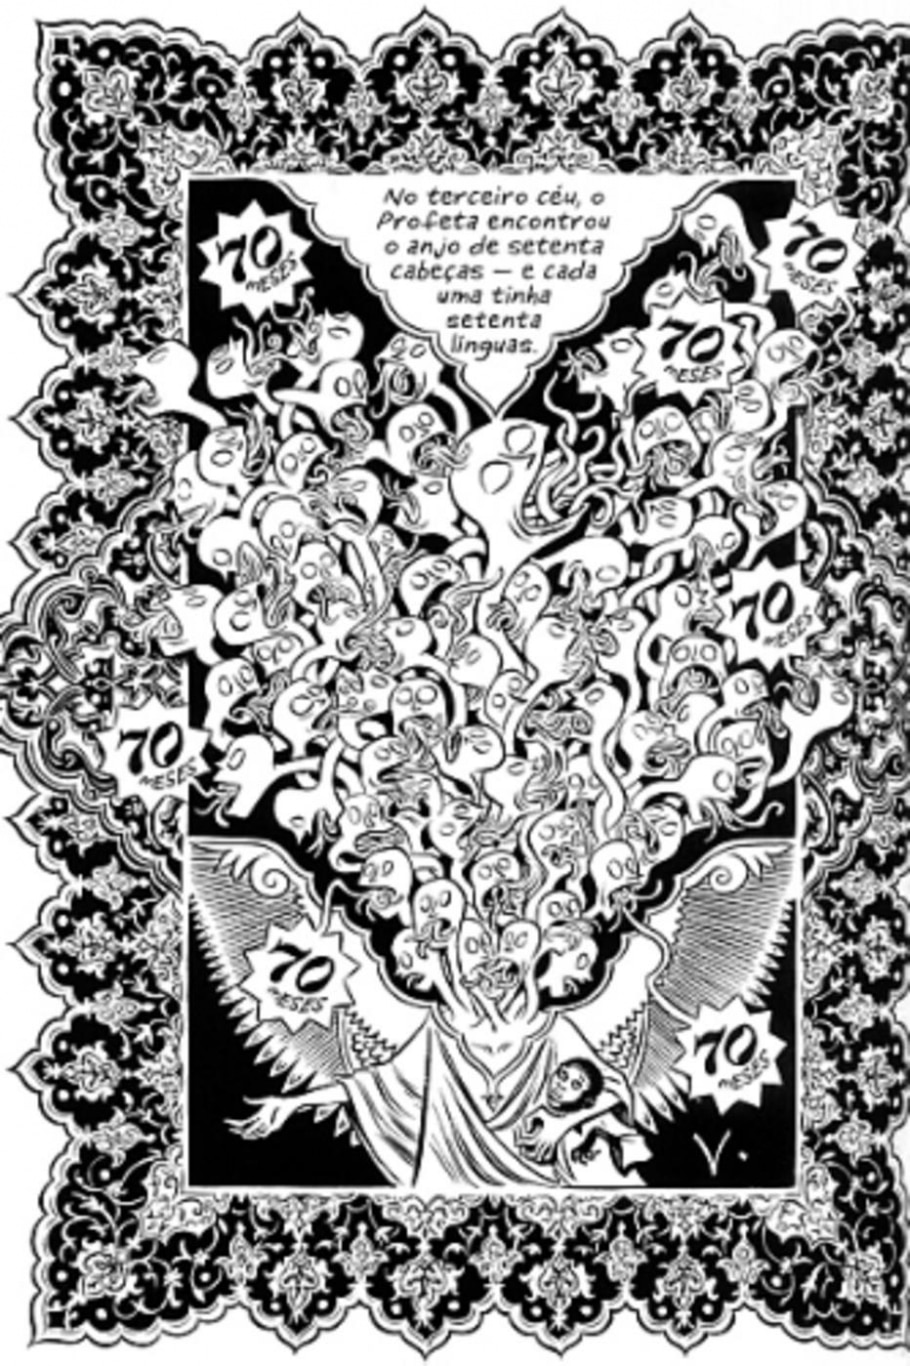 Nova graphic novel de Craig Thompson mostra um mundo de fé, escravidão, abuso e esperança - Reprodução